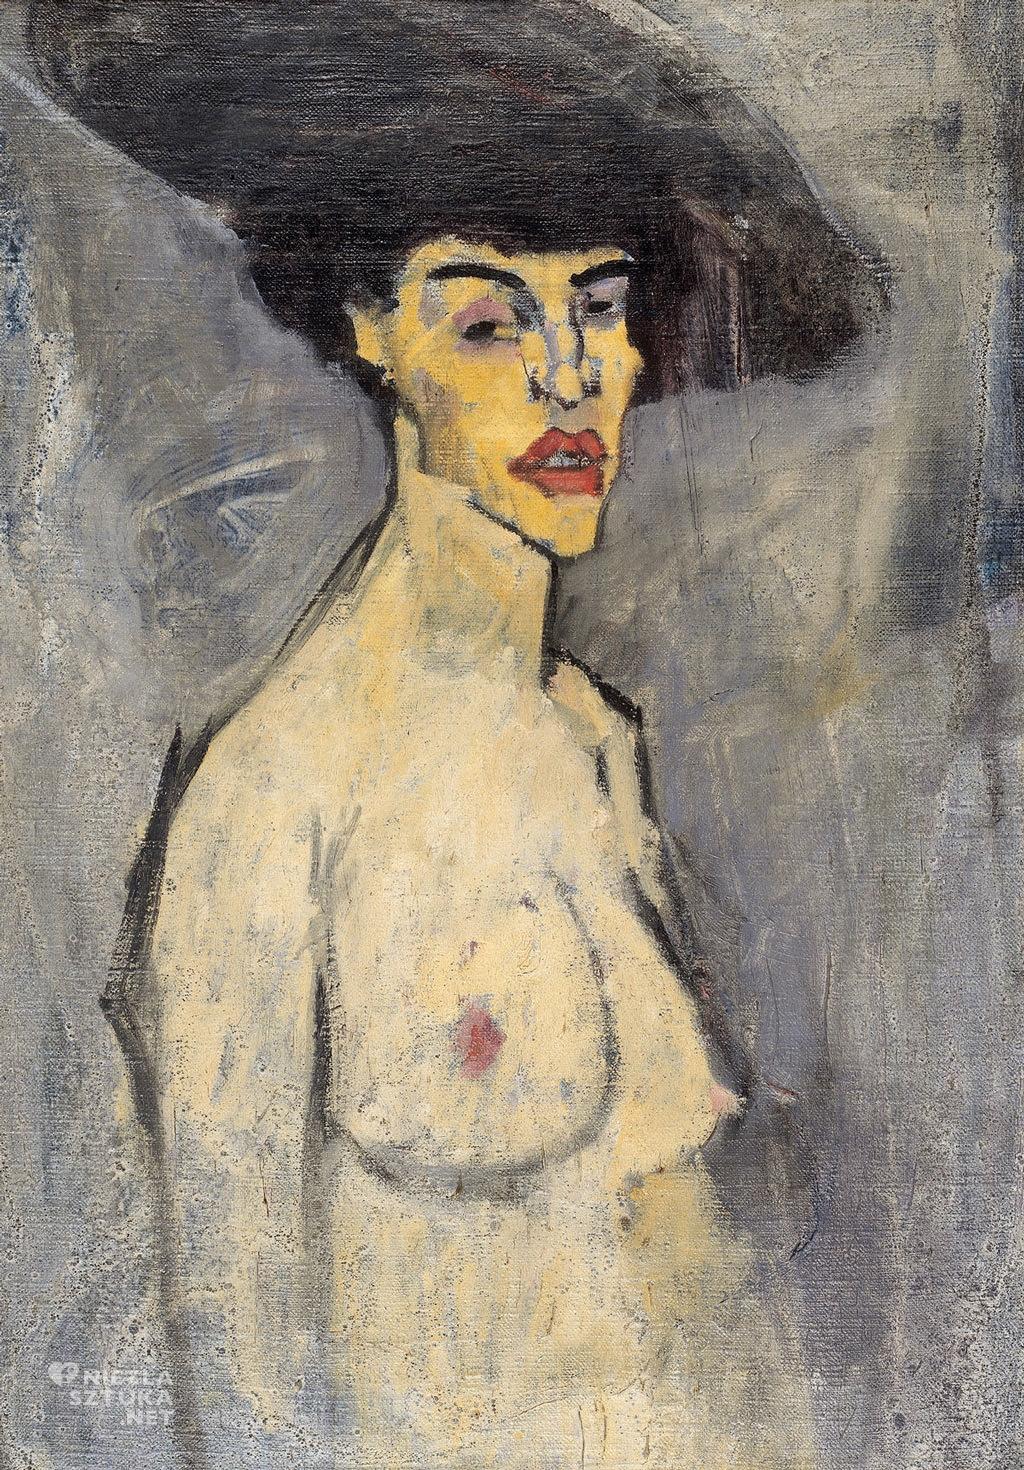 Amedeo Modigliani, Akt w kapeluszu, akt, sztuka włoska, malarstwo olejne, portret, ekspresjonizm, sztuka nowoczesna, Ecole de Paris, Niezła Sztuka